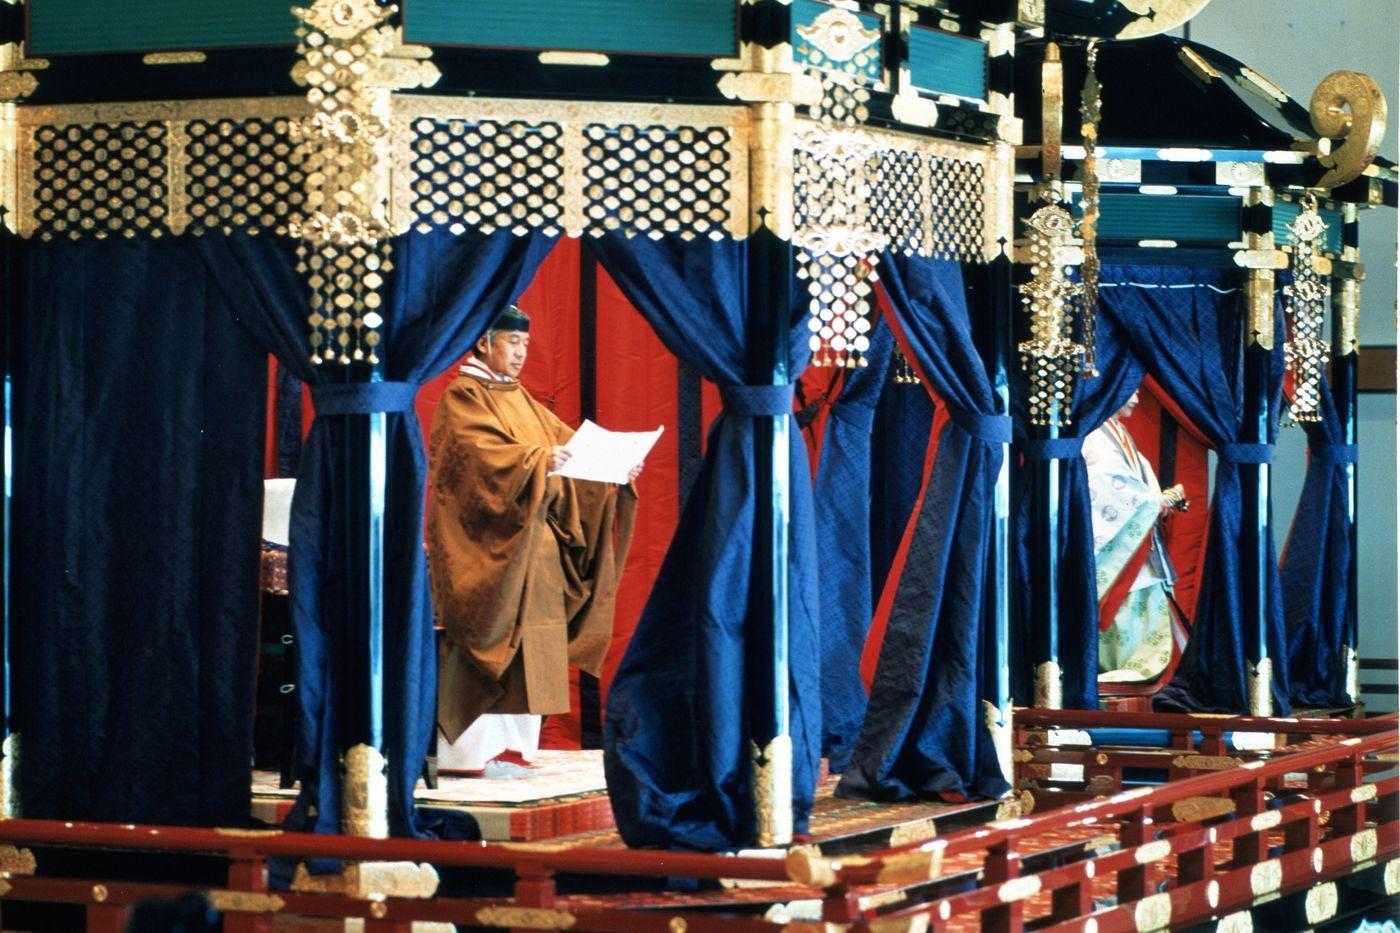 Nhật Hoàng Akihito: Vị hoàng đế của nhiều lần đầu tiên - Ảnh 9.